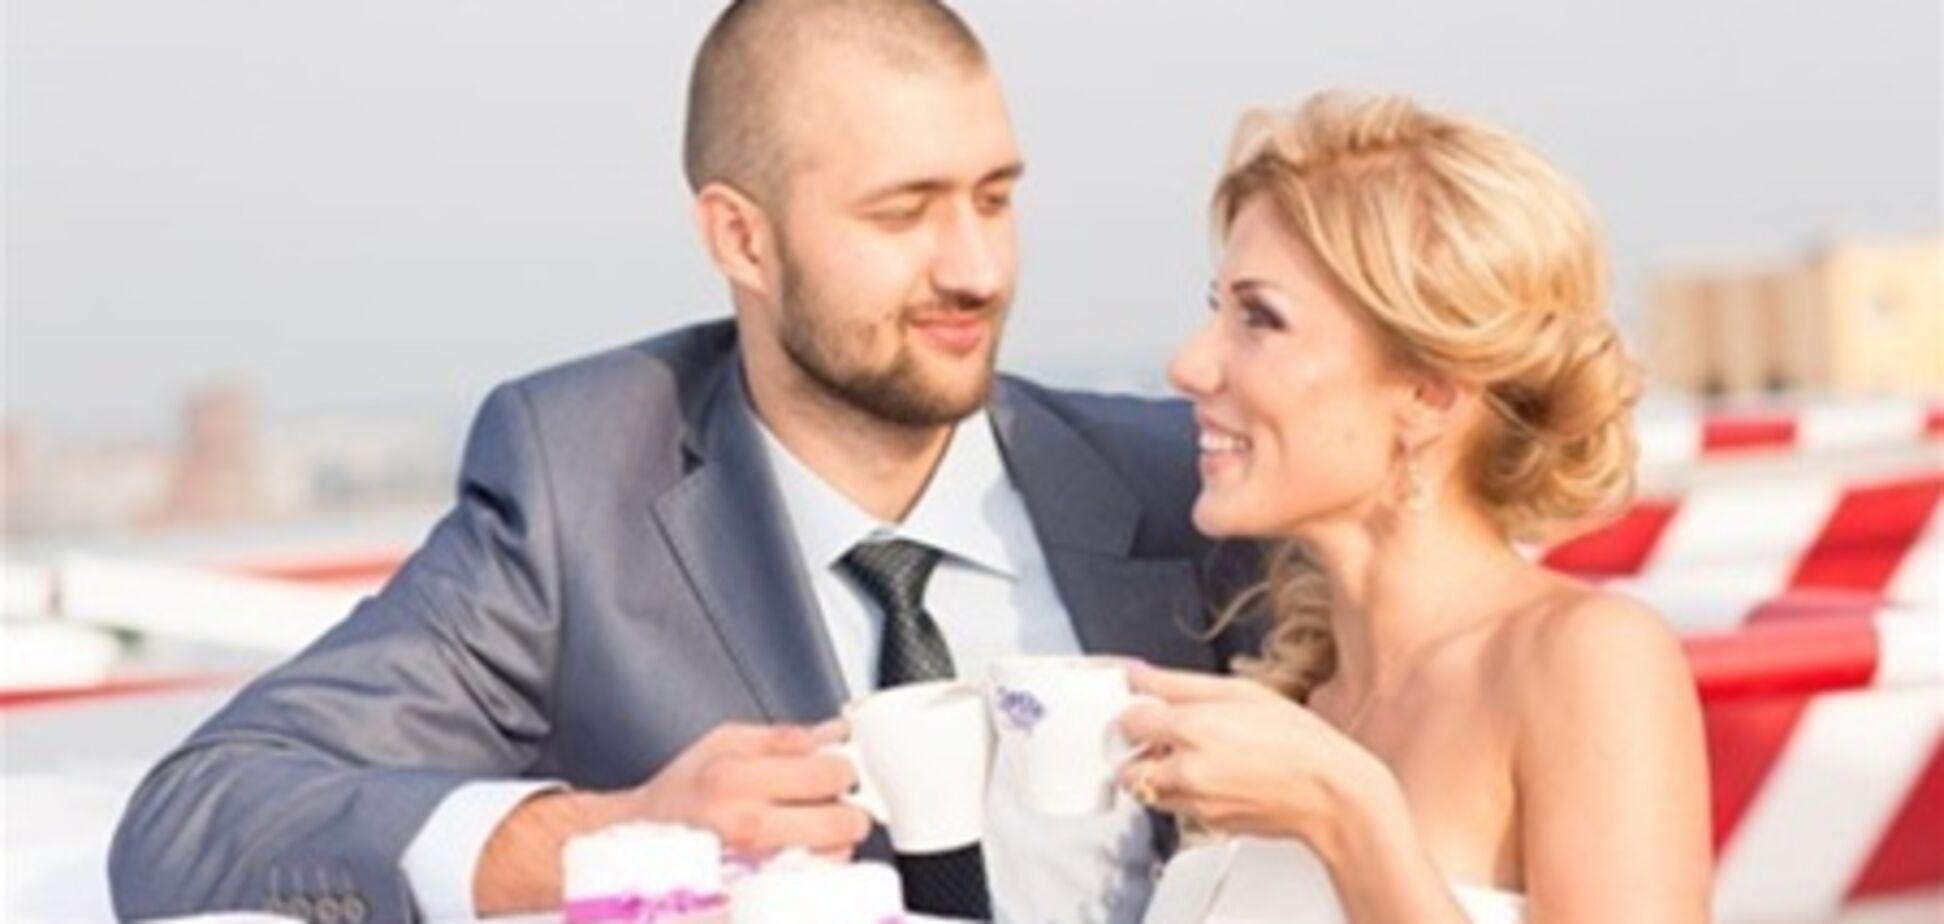 Тамерлан подарил Омаргалиевой кольцо за $5 тысяч